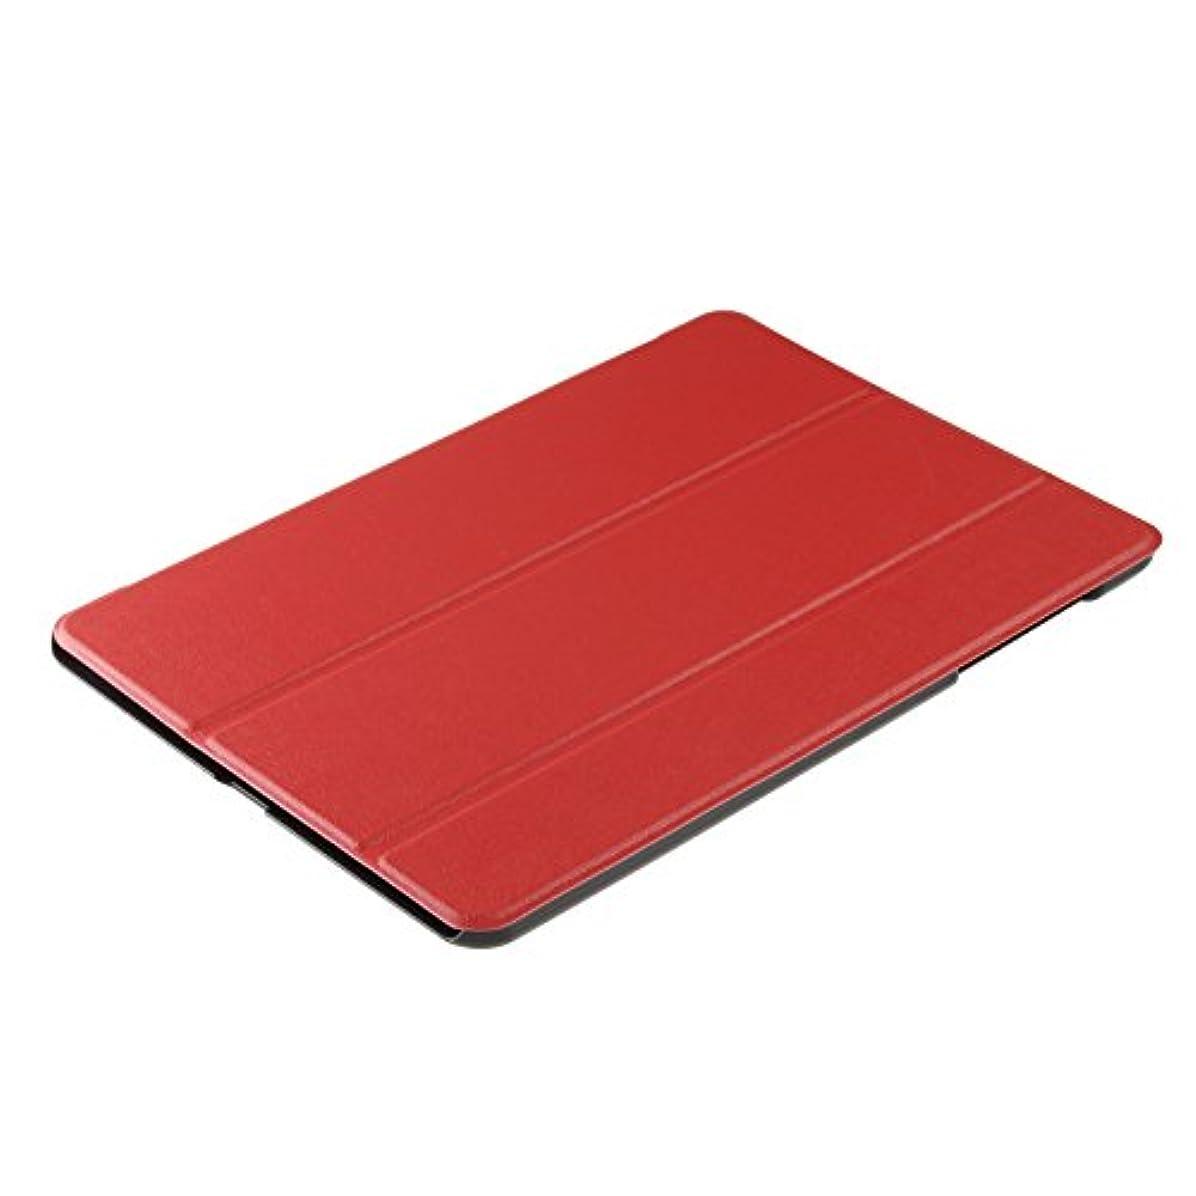 拡声器拍手中世のMY WAY スマートデザインケース ASUS ZenPad 3S 10 Z500M オートスリープ スタンドカバー レッド 572197